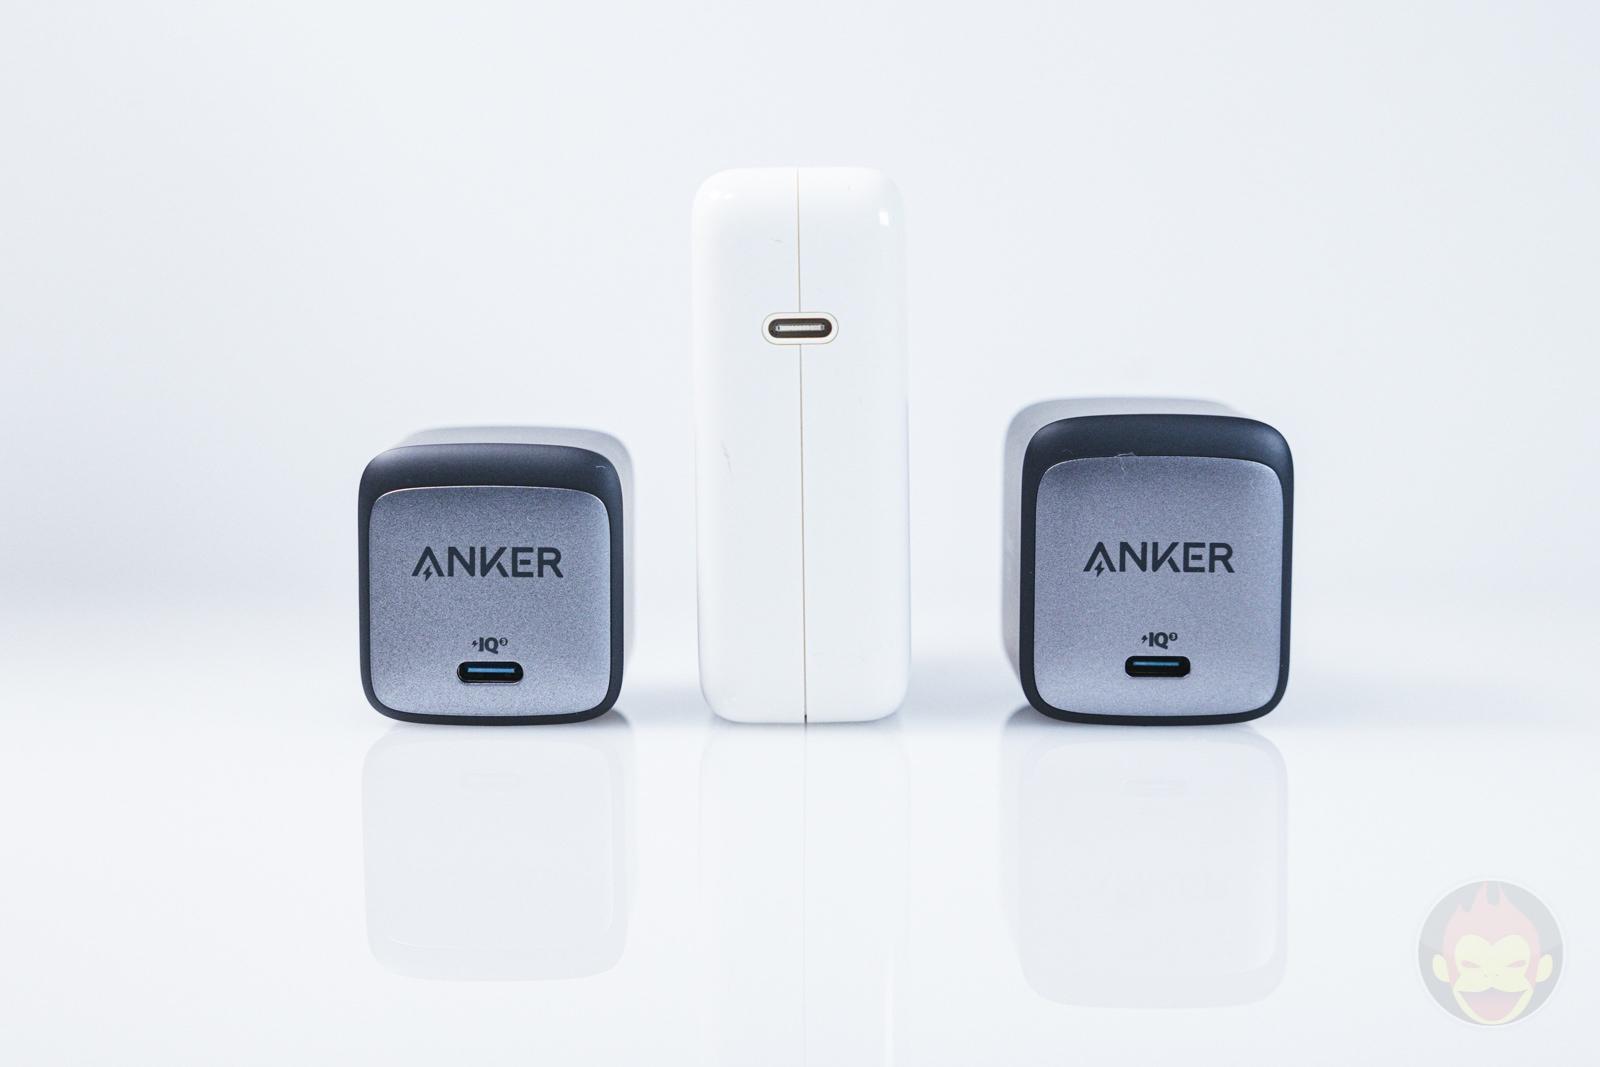 Anker-Nano-II-45W-and-65W-review-07.jpg